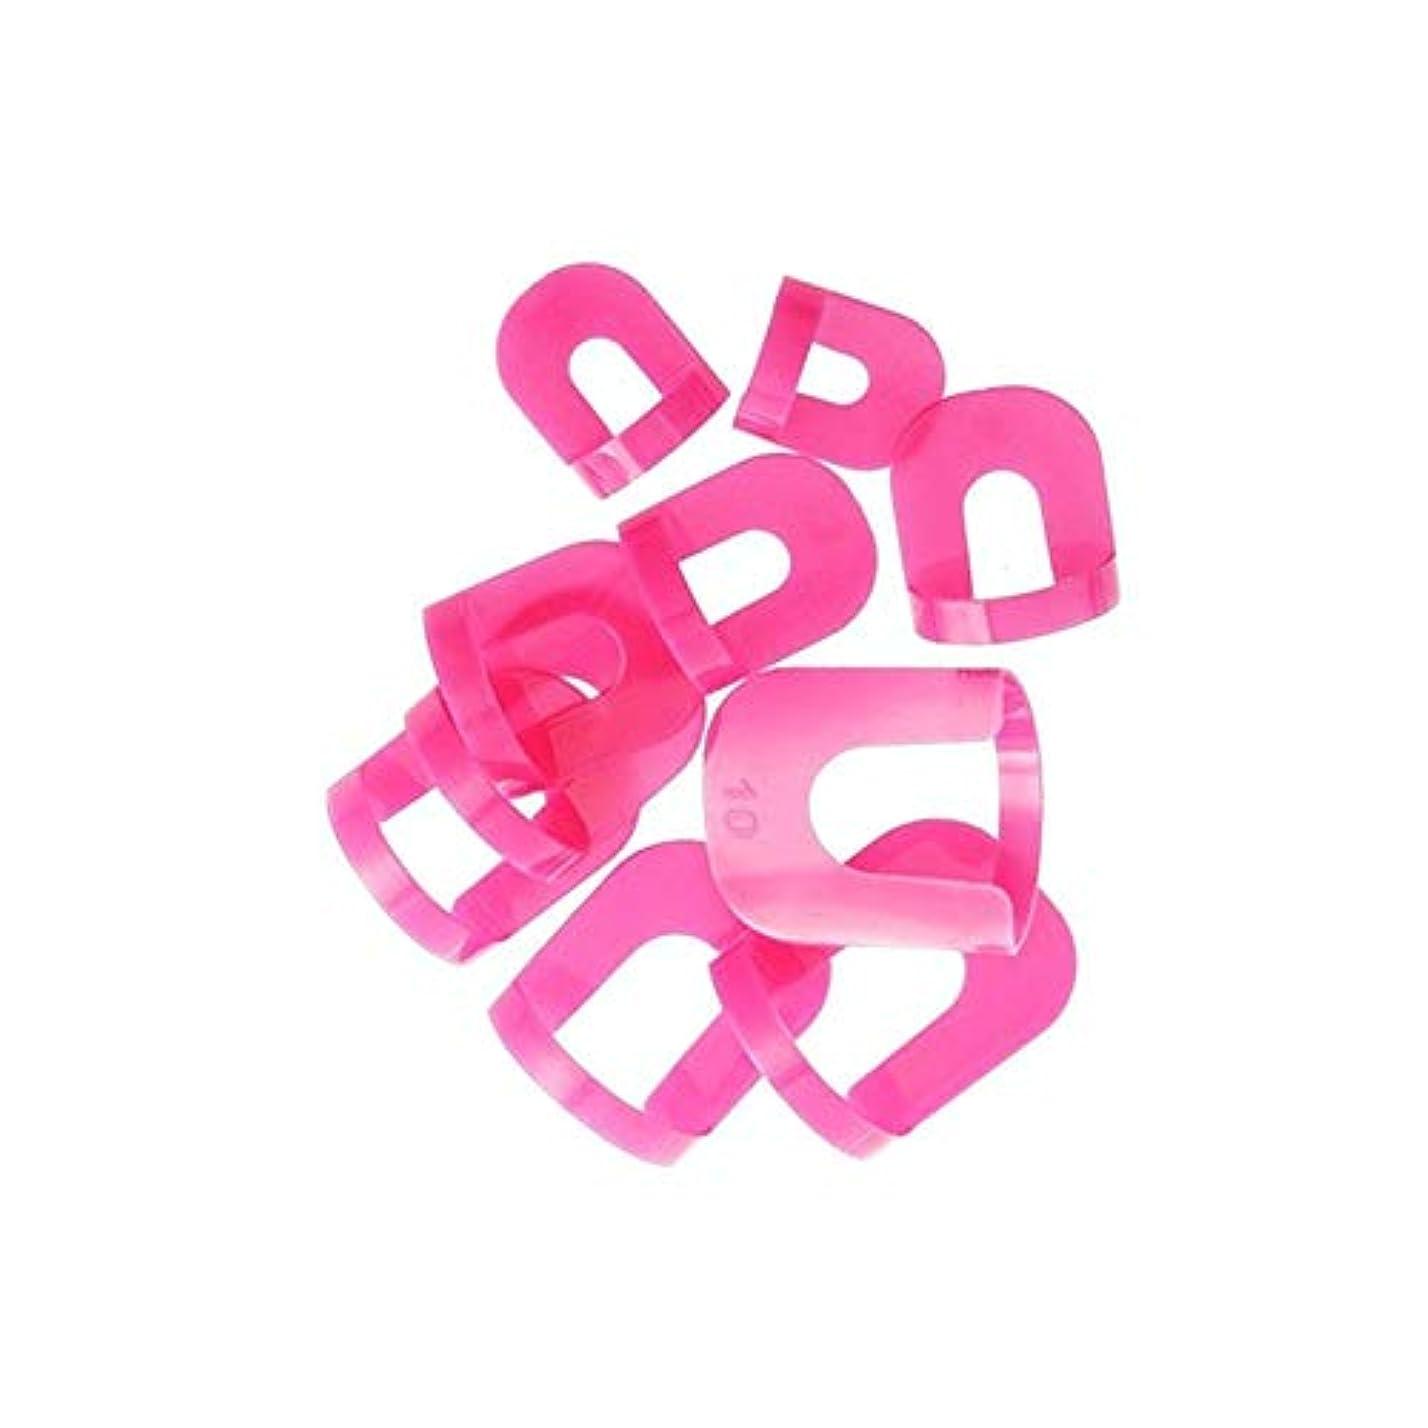 申し込む平和な告白するマニキュア保護テンプレート保護曲線状多指マニキュアの1セット、マニキュアが流出ホルダ10色ランダムサイズの互換性を持って設定します